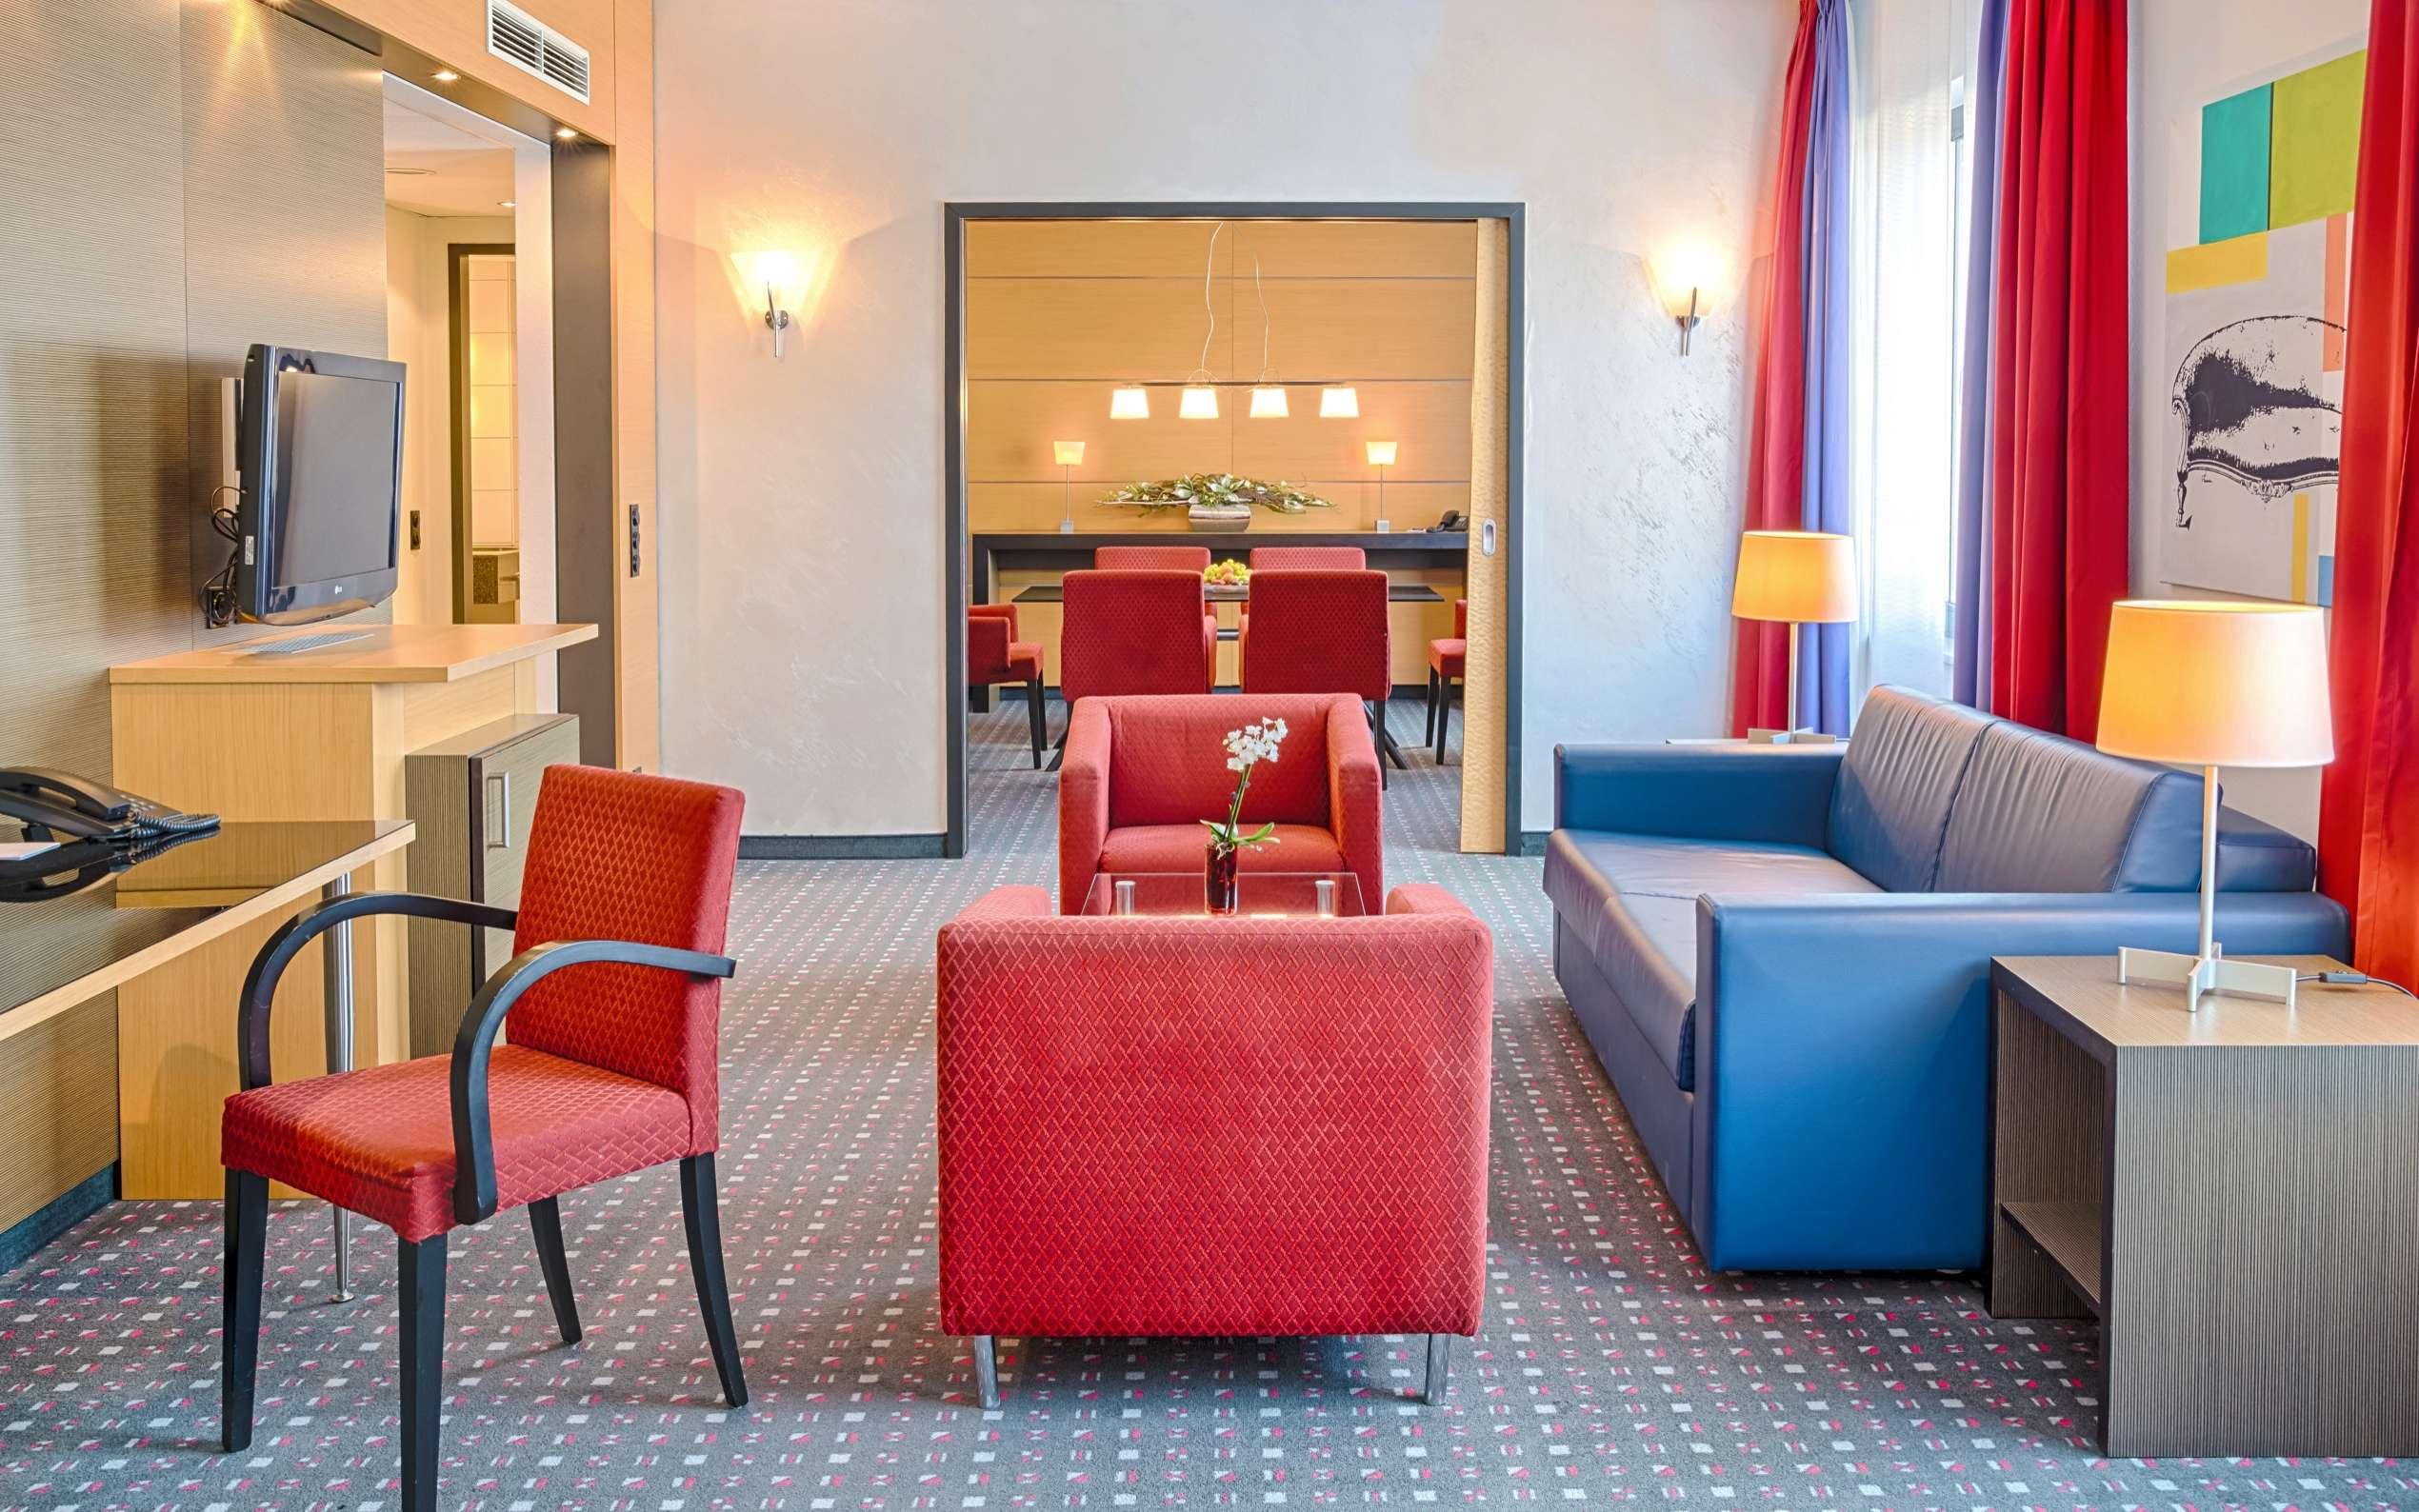 4 Sterne Stadthotel In Essen Welcome Hotel Essen